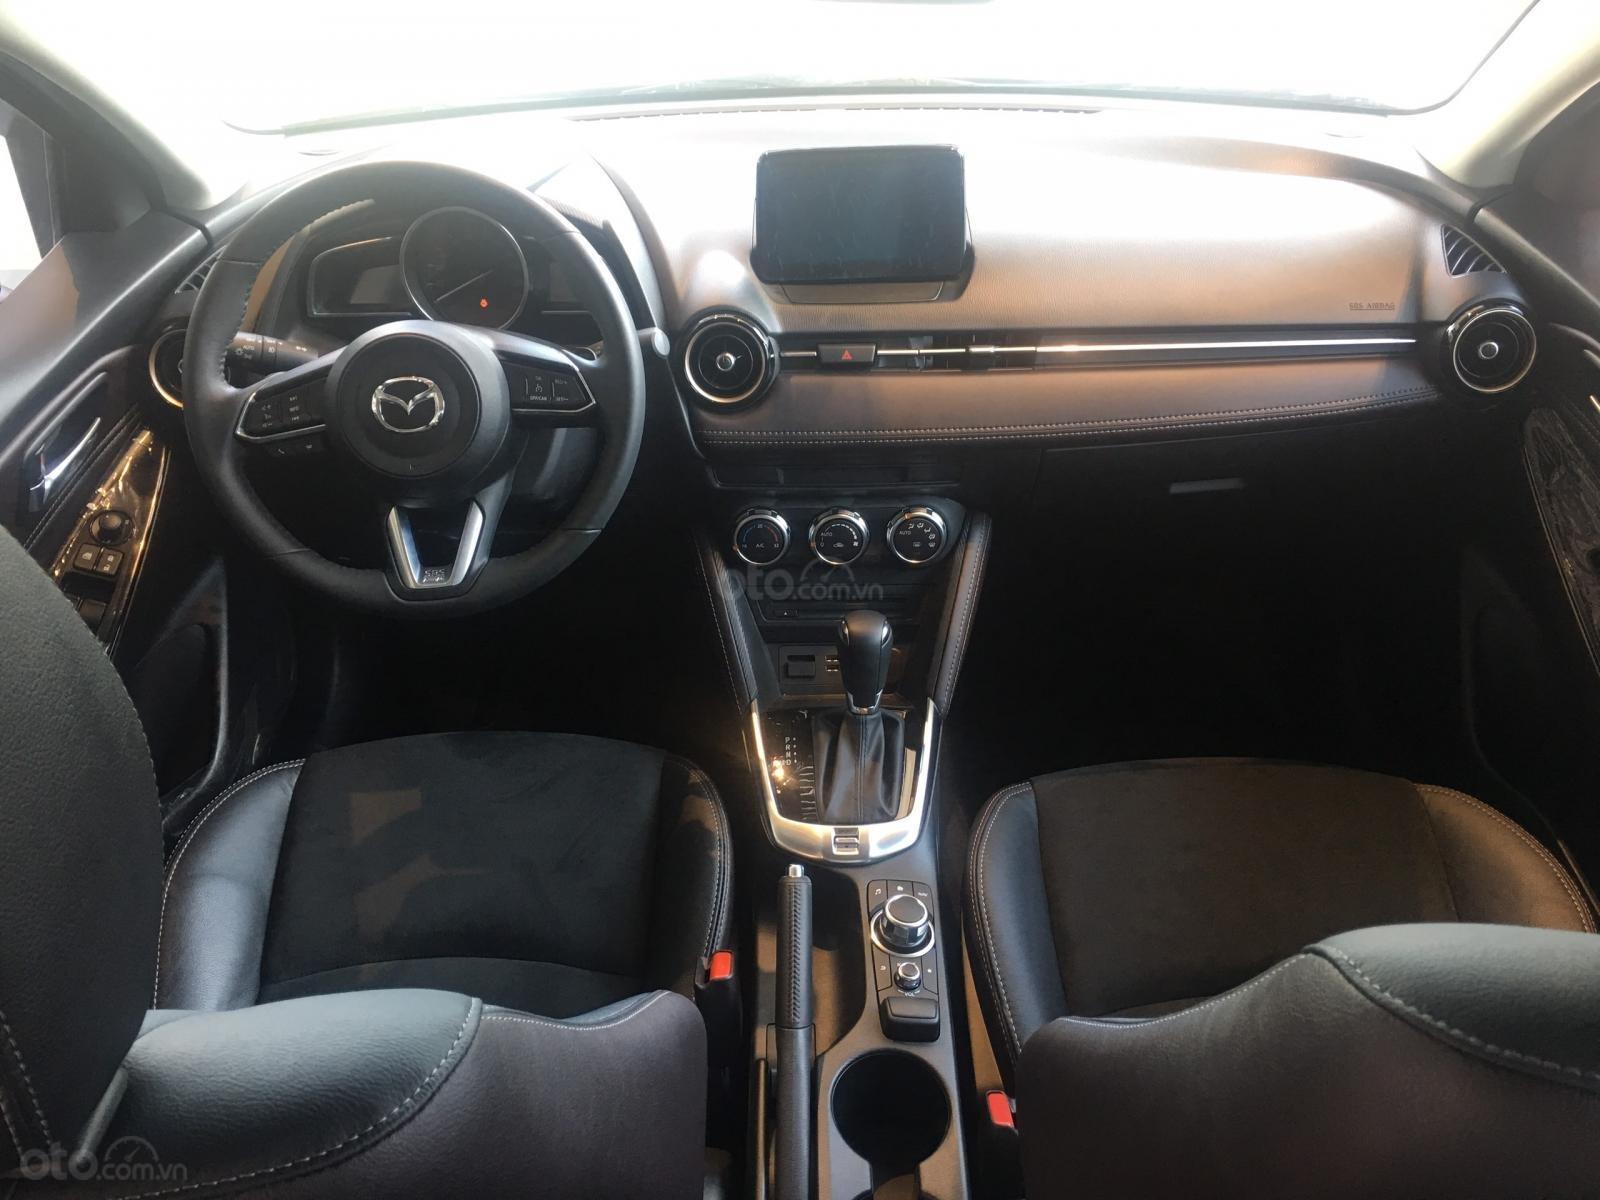 [Mazda Bình Triệu] Mazda 2 nhập Thái 100% - Quà tặng hấp dẫn tháng 05 - giao xe tận nhà - LH 0971 773 894 giá tốt nhất (4)